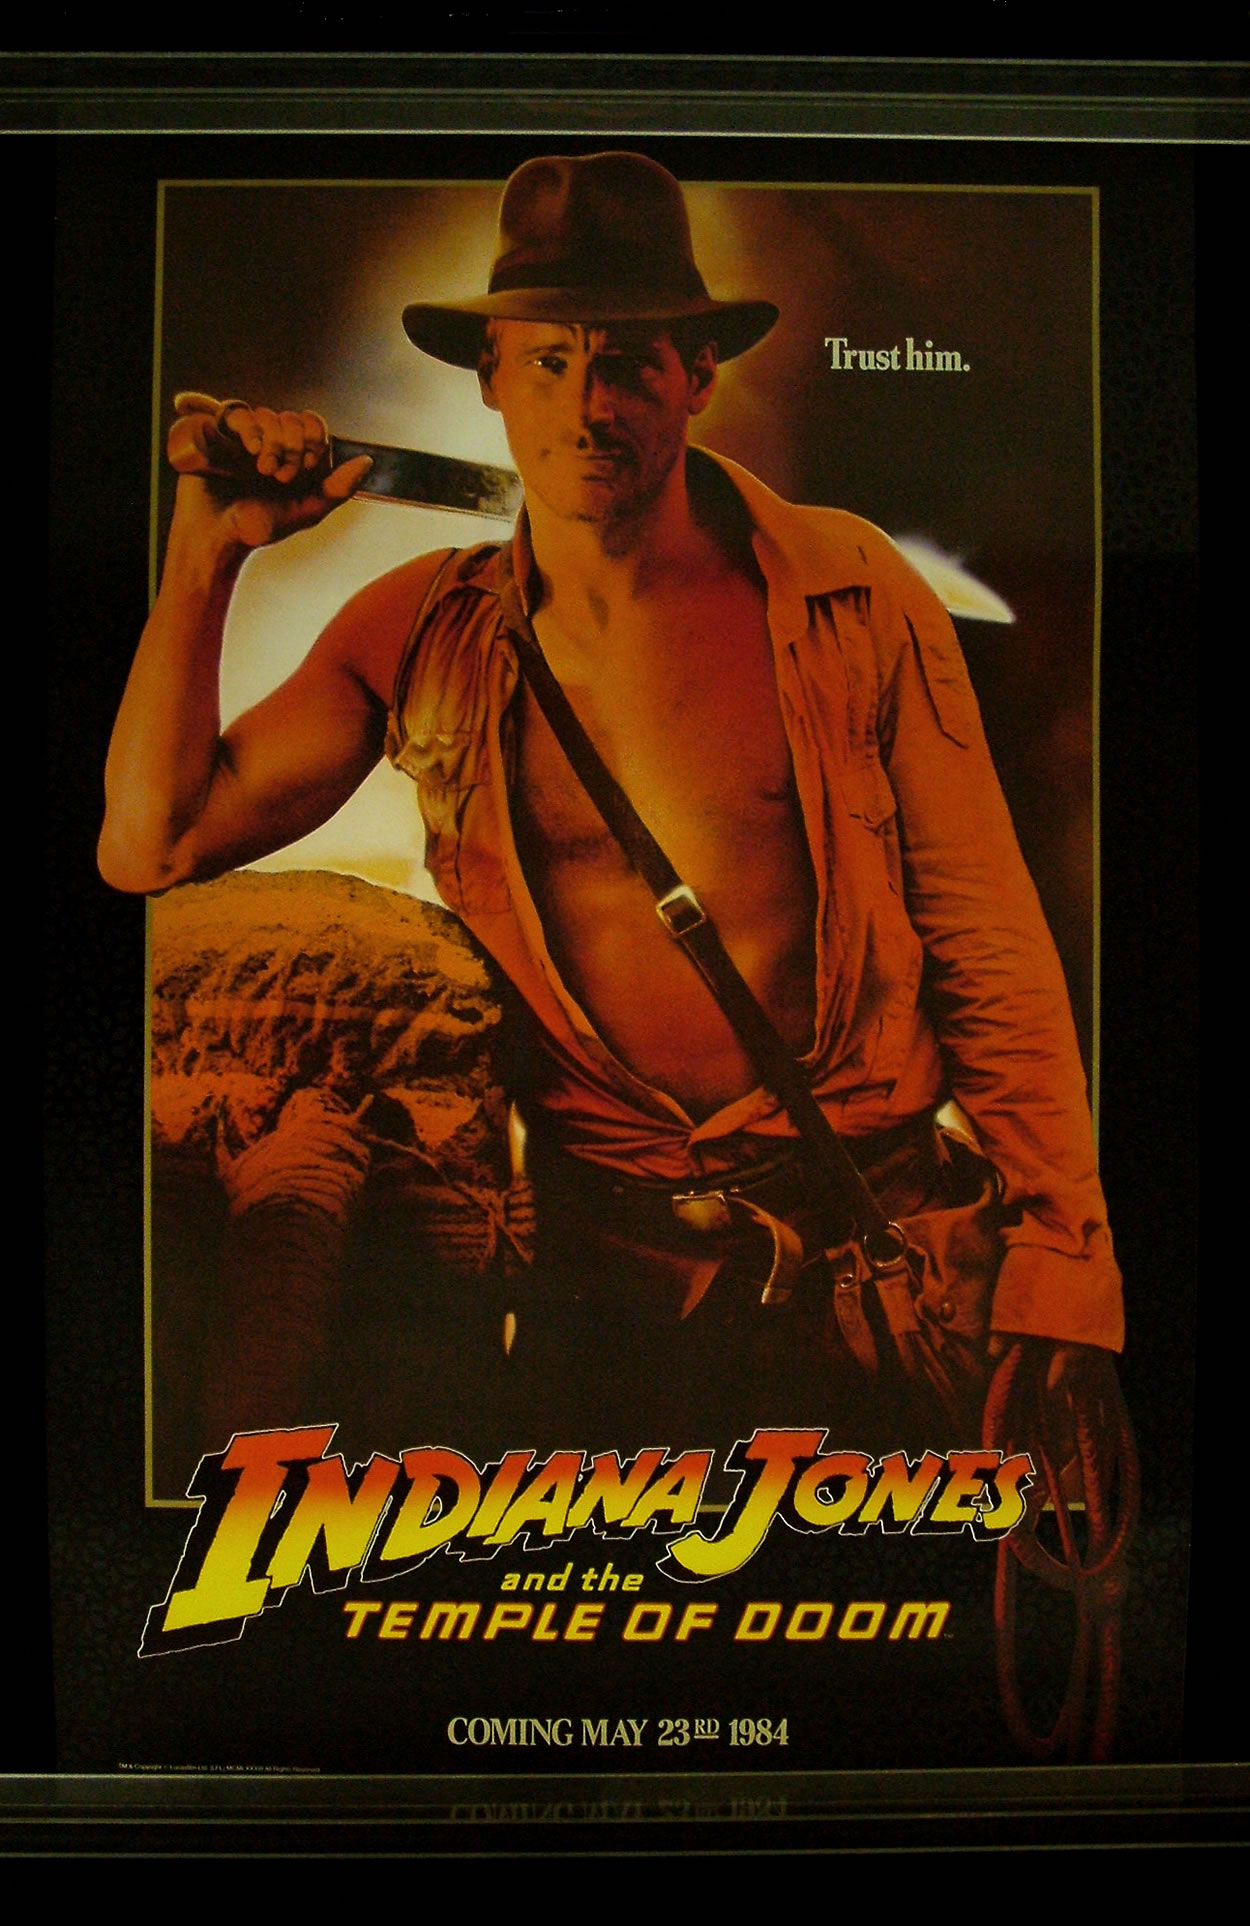 ジョーンズ 伝説 宮 インディ 魔 の